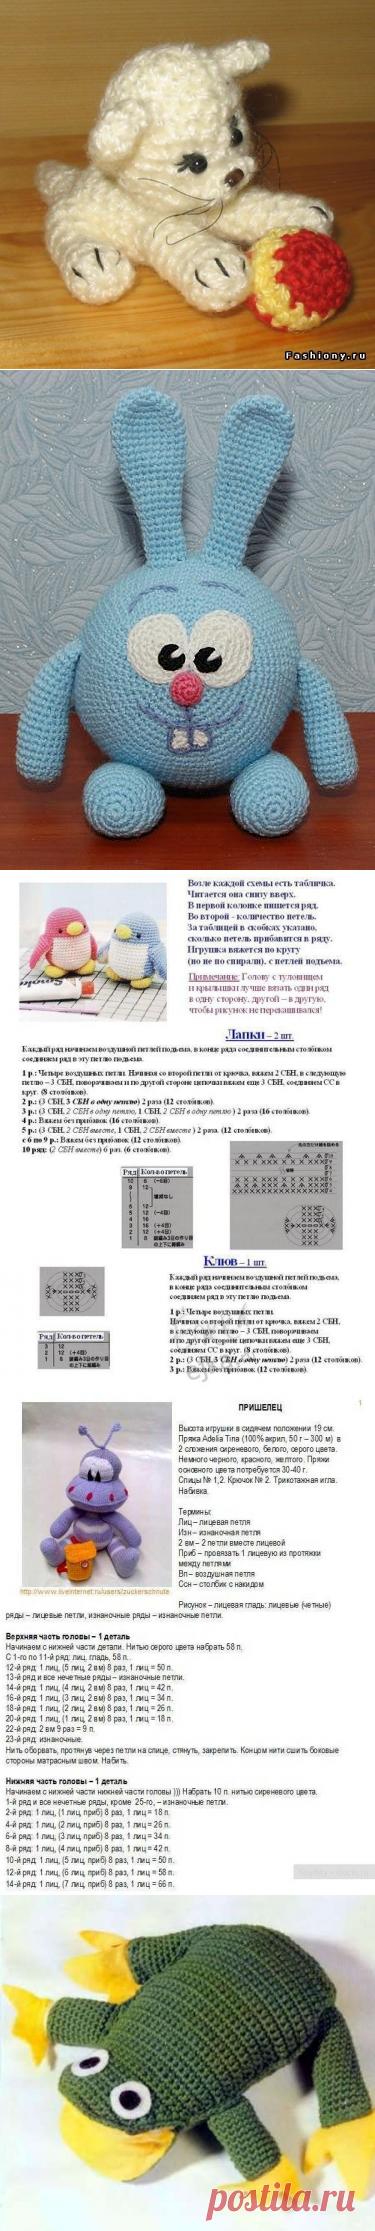 Вязаные игрушки крючком со схемами и описанием: заяц и ...